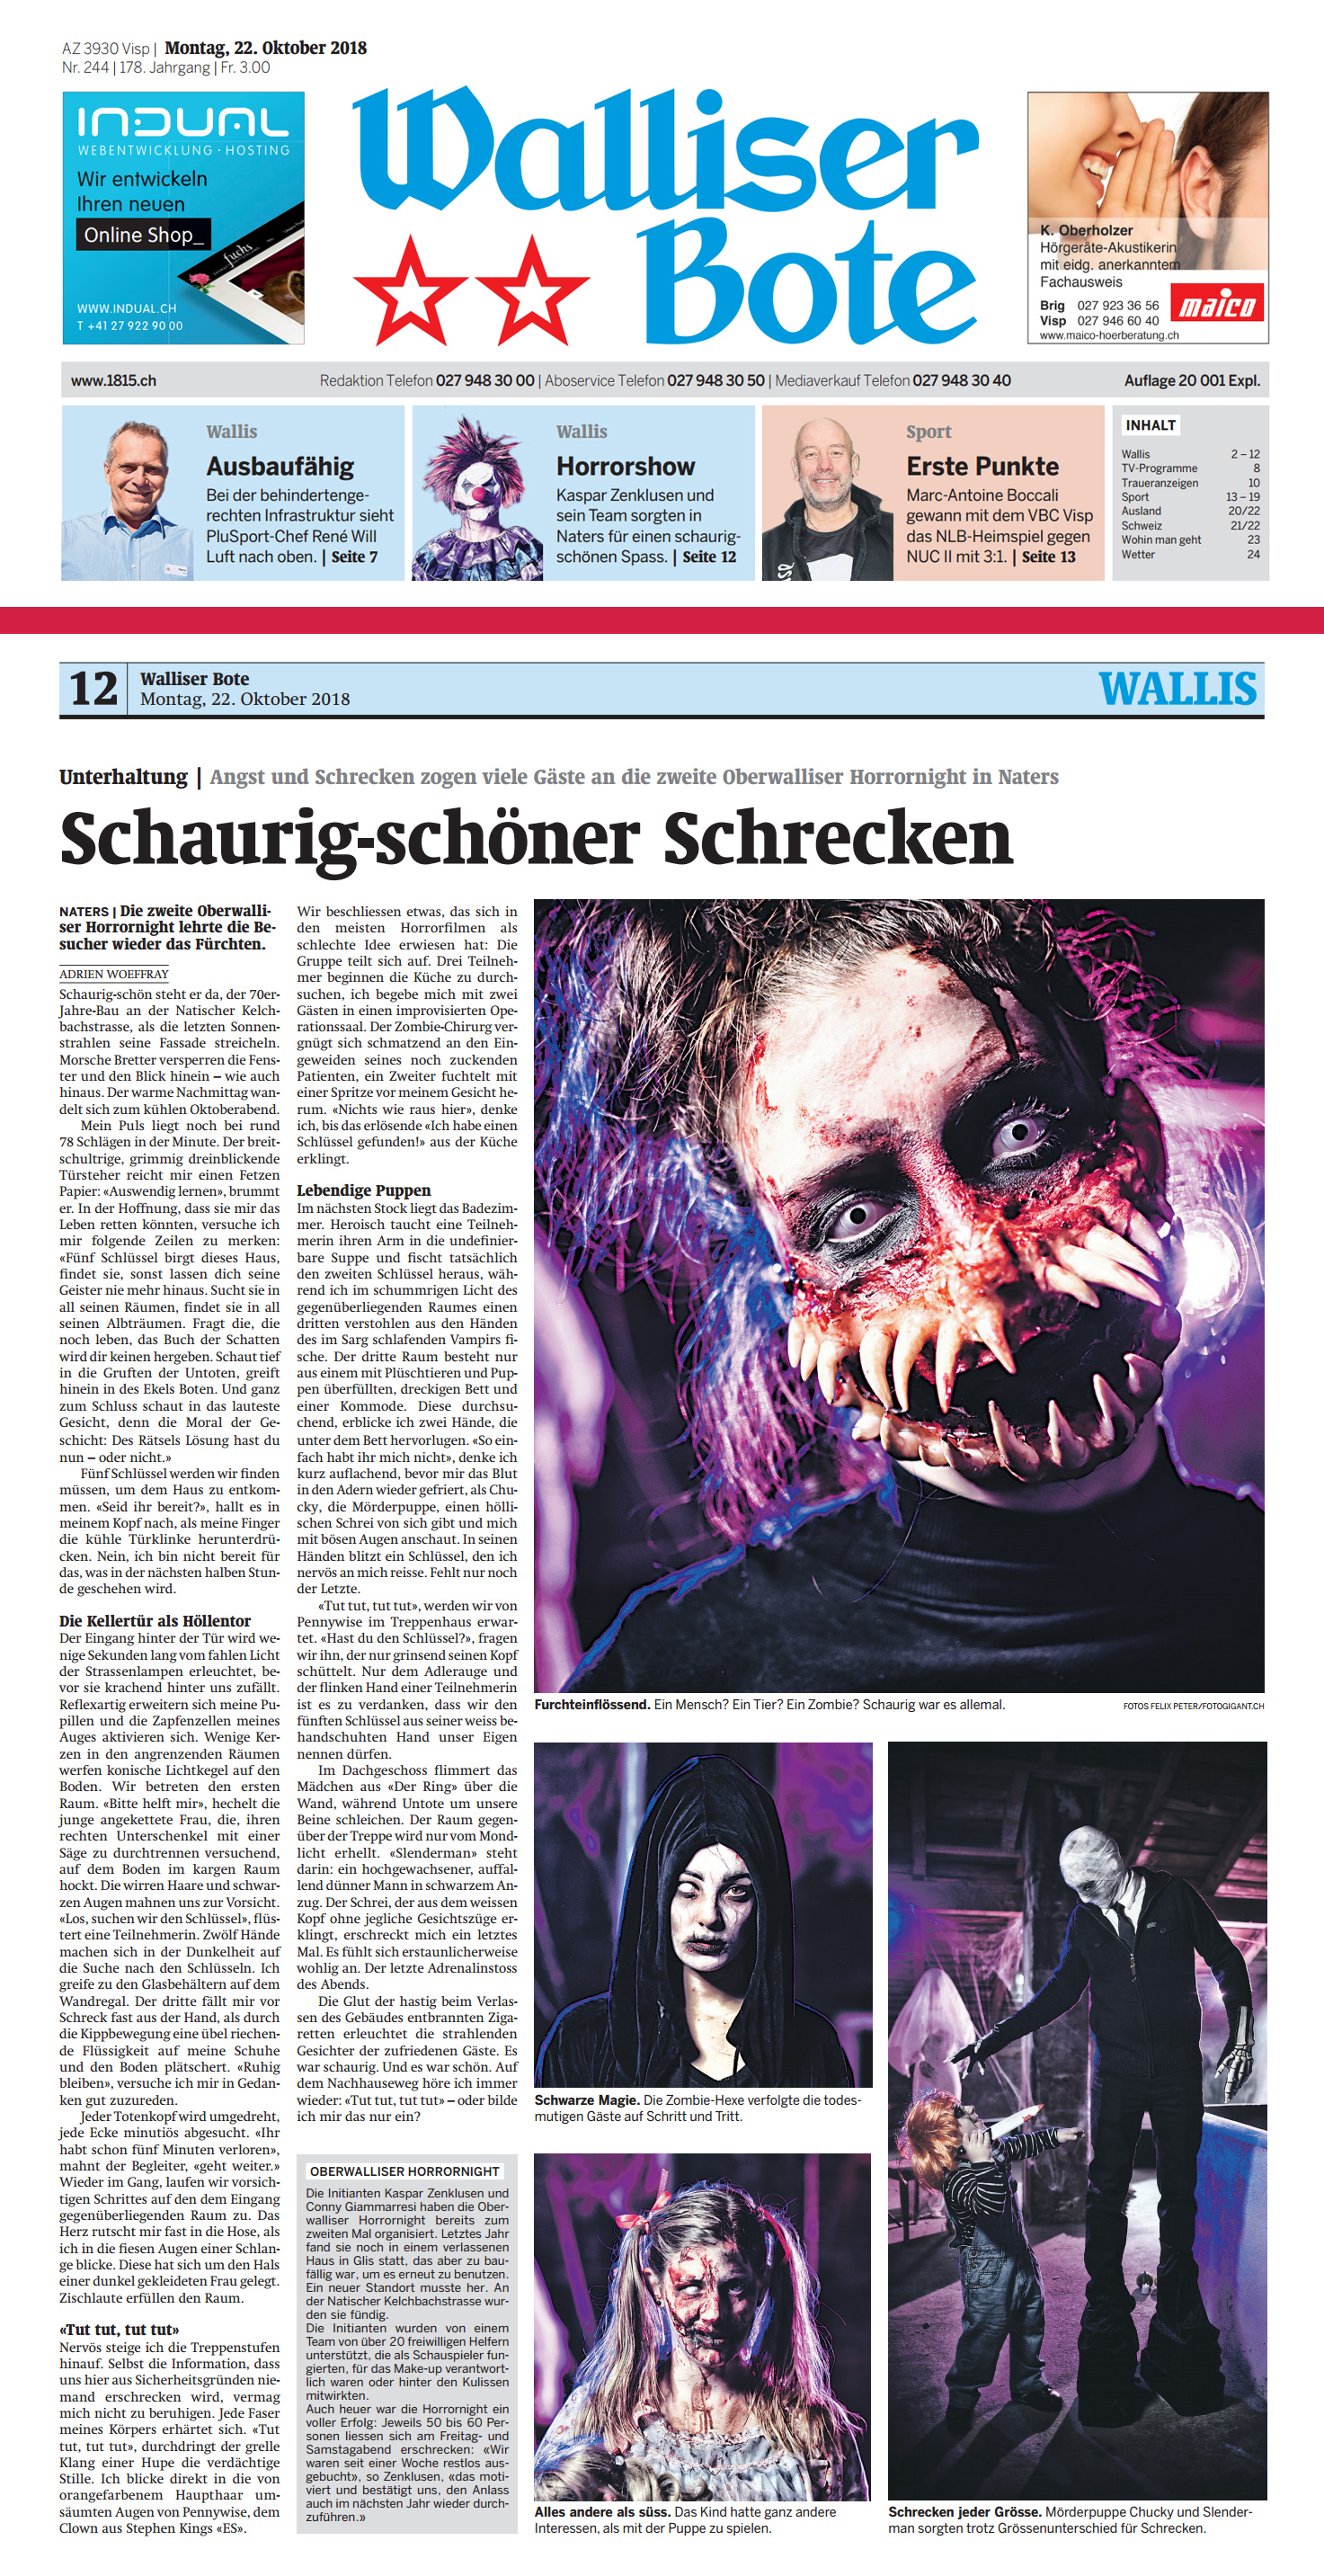 Walliser-Bote_Horror-Nights.jpg